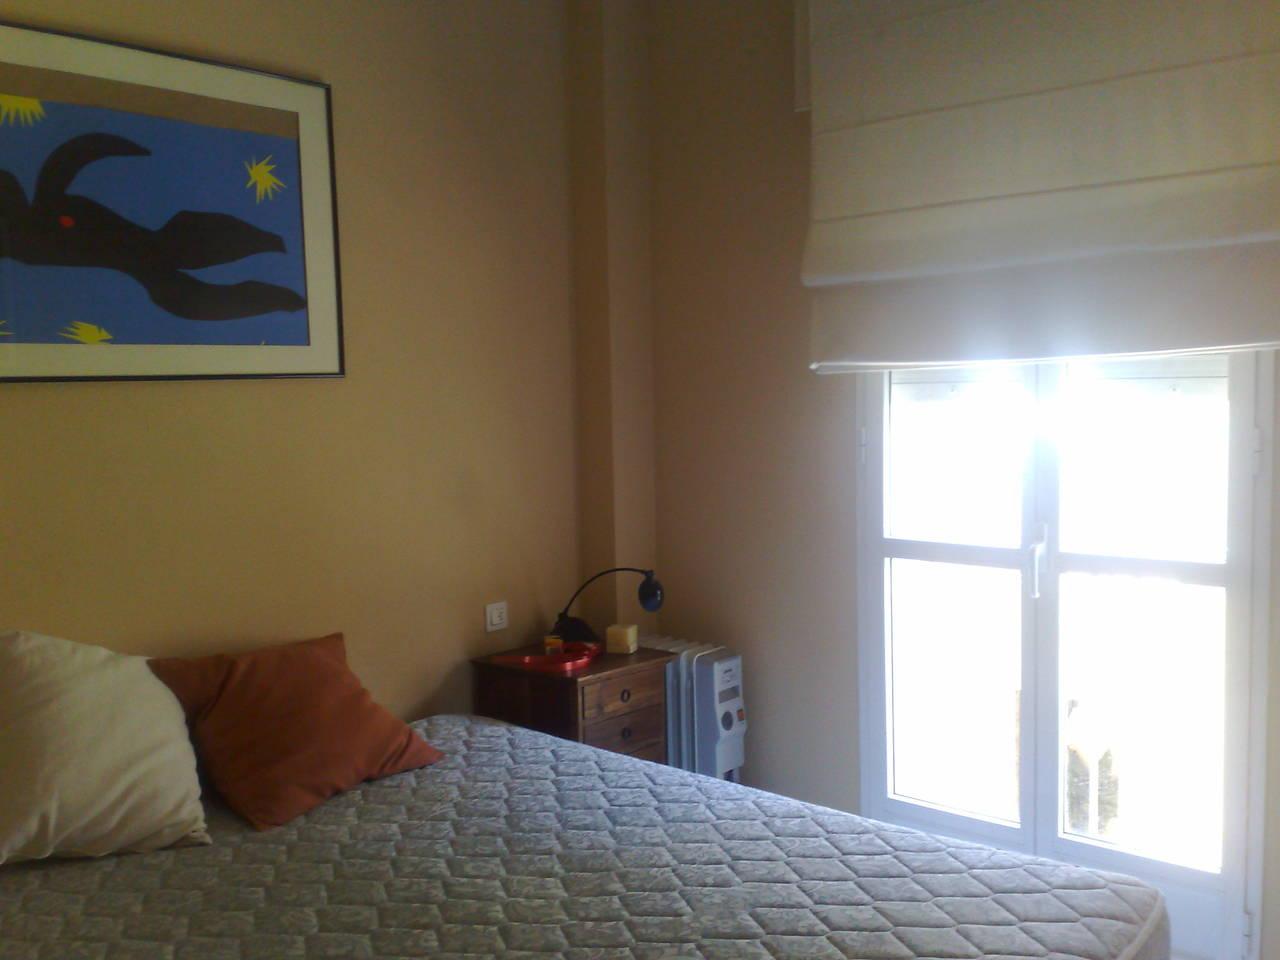 Alquiler piso en Triana, Pureza 34 - Carmen: 639.14.41.48  - Foto 3